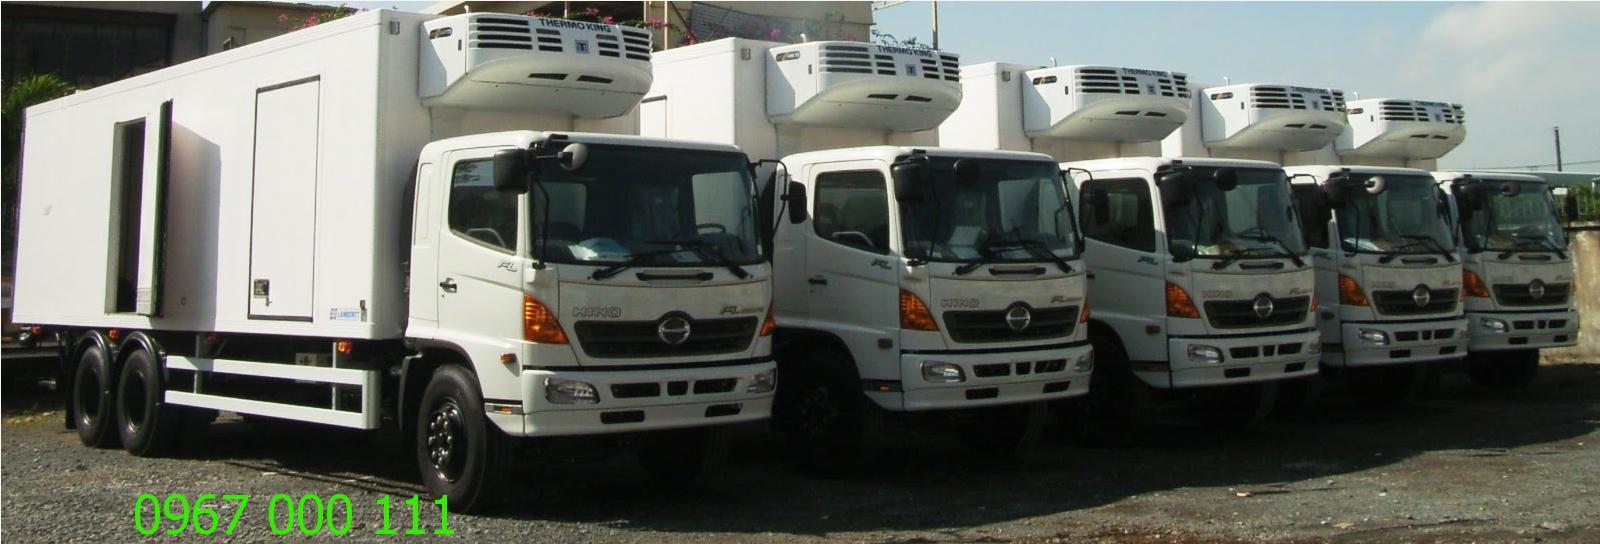 Mở rộng dịch vụ cho thuê xe tải chở hàng ở Huế của Thần Đèn